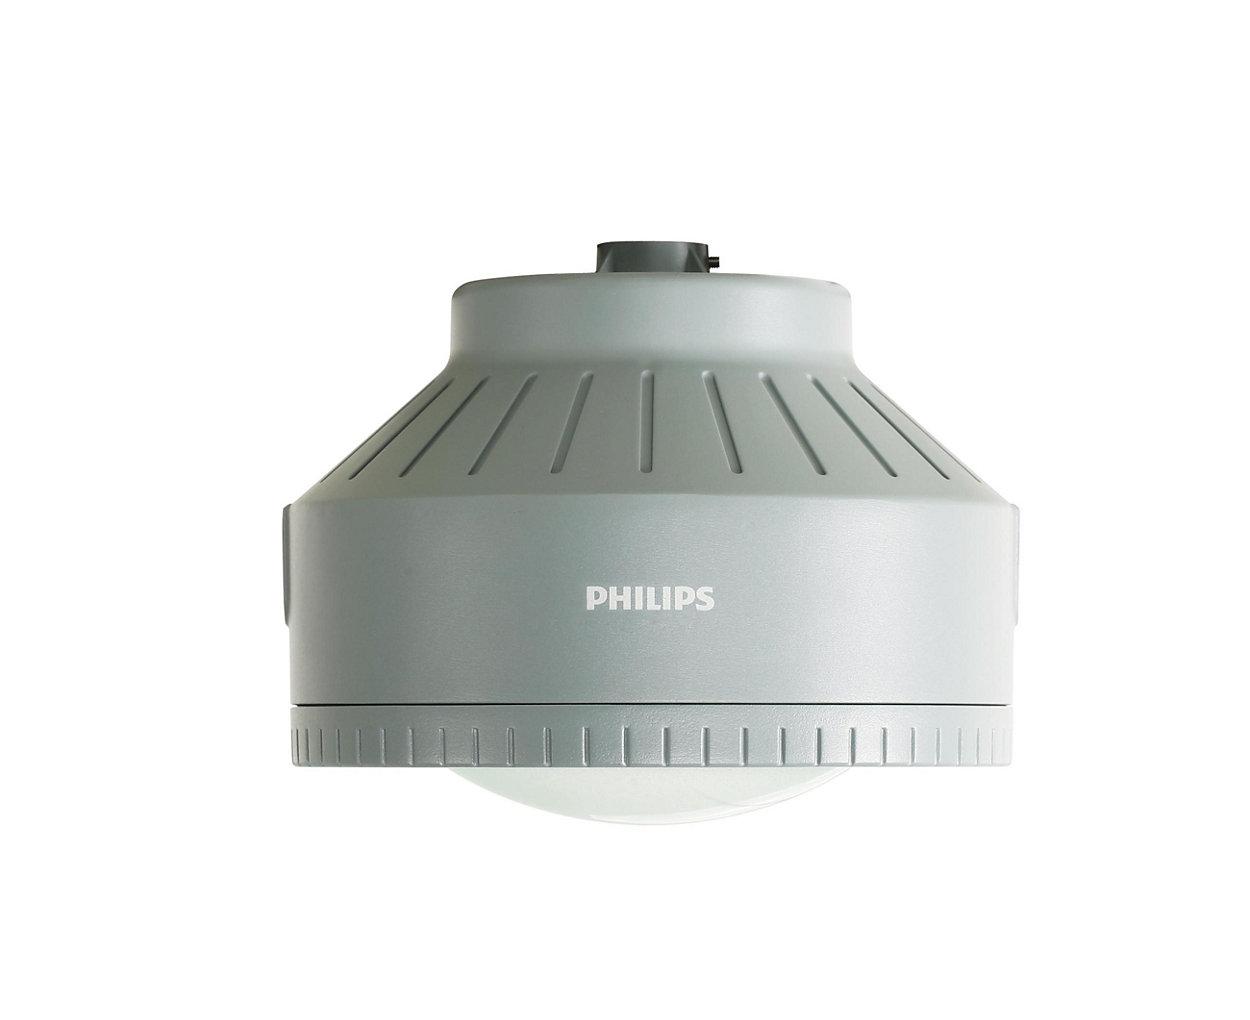 Энергоэффективное осветительное оборудование для применения в промышленных и коммерческих предприятиях